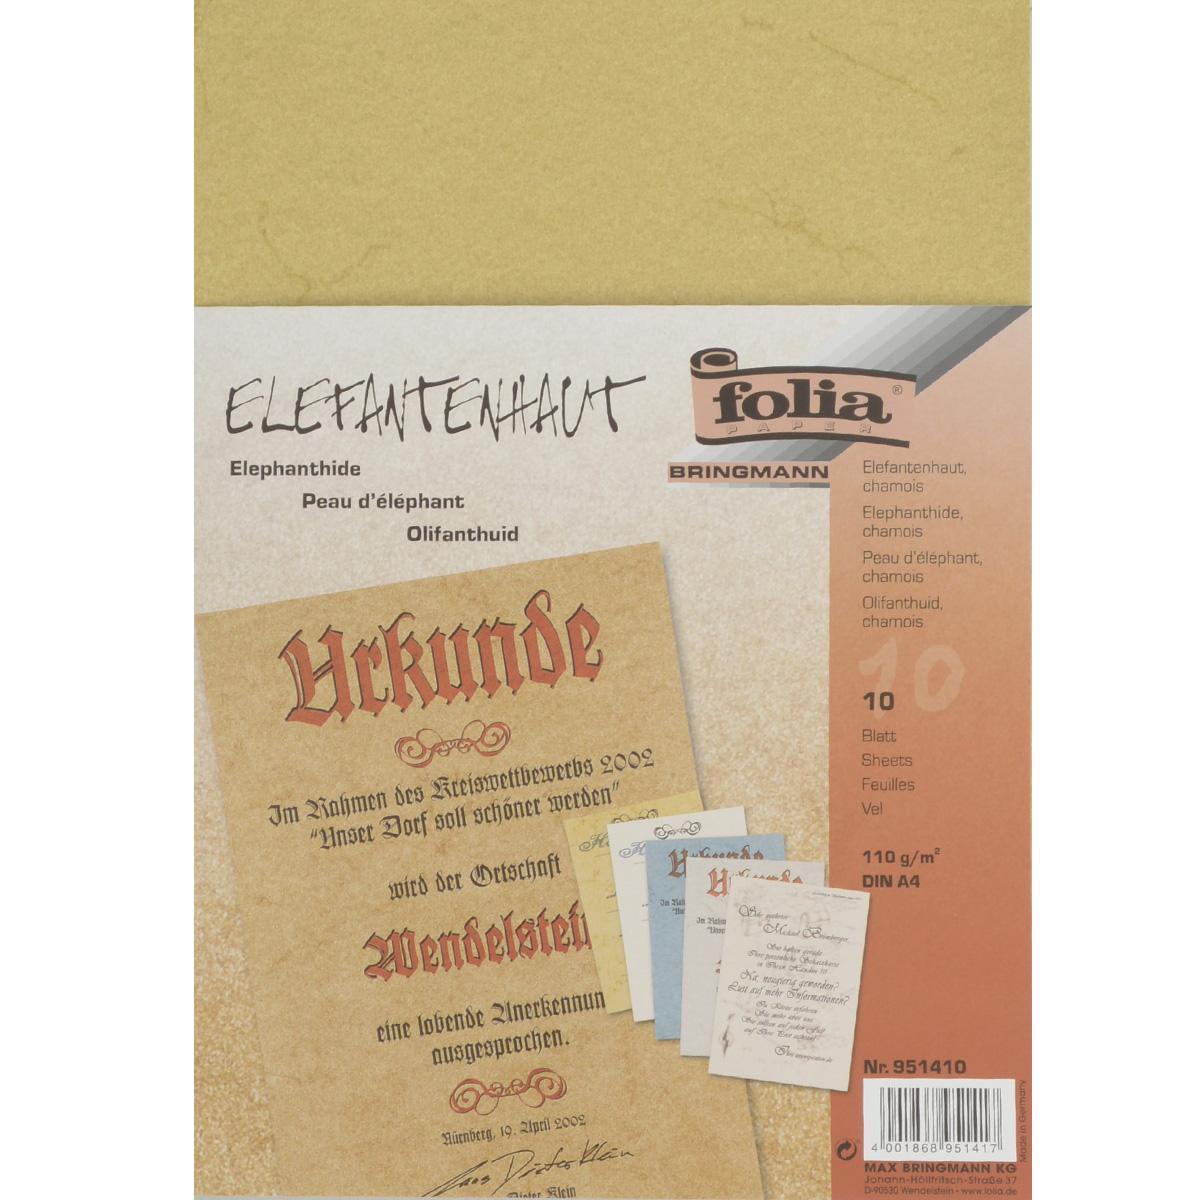 Бумага с имитацией пергамента Folia, цвет: бежевый, A4, 10 л7708145Гладкая тонированная дизайнерская бумага Folia с имитацией окрашенного пергамента идеальна для изготовления оригинальных визиток, папок, календарей, презентационной продукции. Также бумага прекрасно подойдет для оформления творческих работ в технике скрапбукинг. Ее можно использовать для украшения фотоальбомов, скрап-страничек, подарков, конвертов, фоторамок, открыток и многого другого. В наборе - 10 листов.Скрапбукинг - это хобби, которое способно приносить массу приятных эмоций не только человеку, который этим занимается, но и его близким, друзьям, родным. Это невероятно увлекательное занятие, которое поможет вам сохранить наиболее памятные и яркие моменты вашей жизни, а также интересно оформить интерьер дома.Плотность бумаги: 110 г/м2.Размер листа: 21 см х 29,5 см.Формат листа: A4.